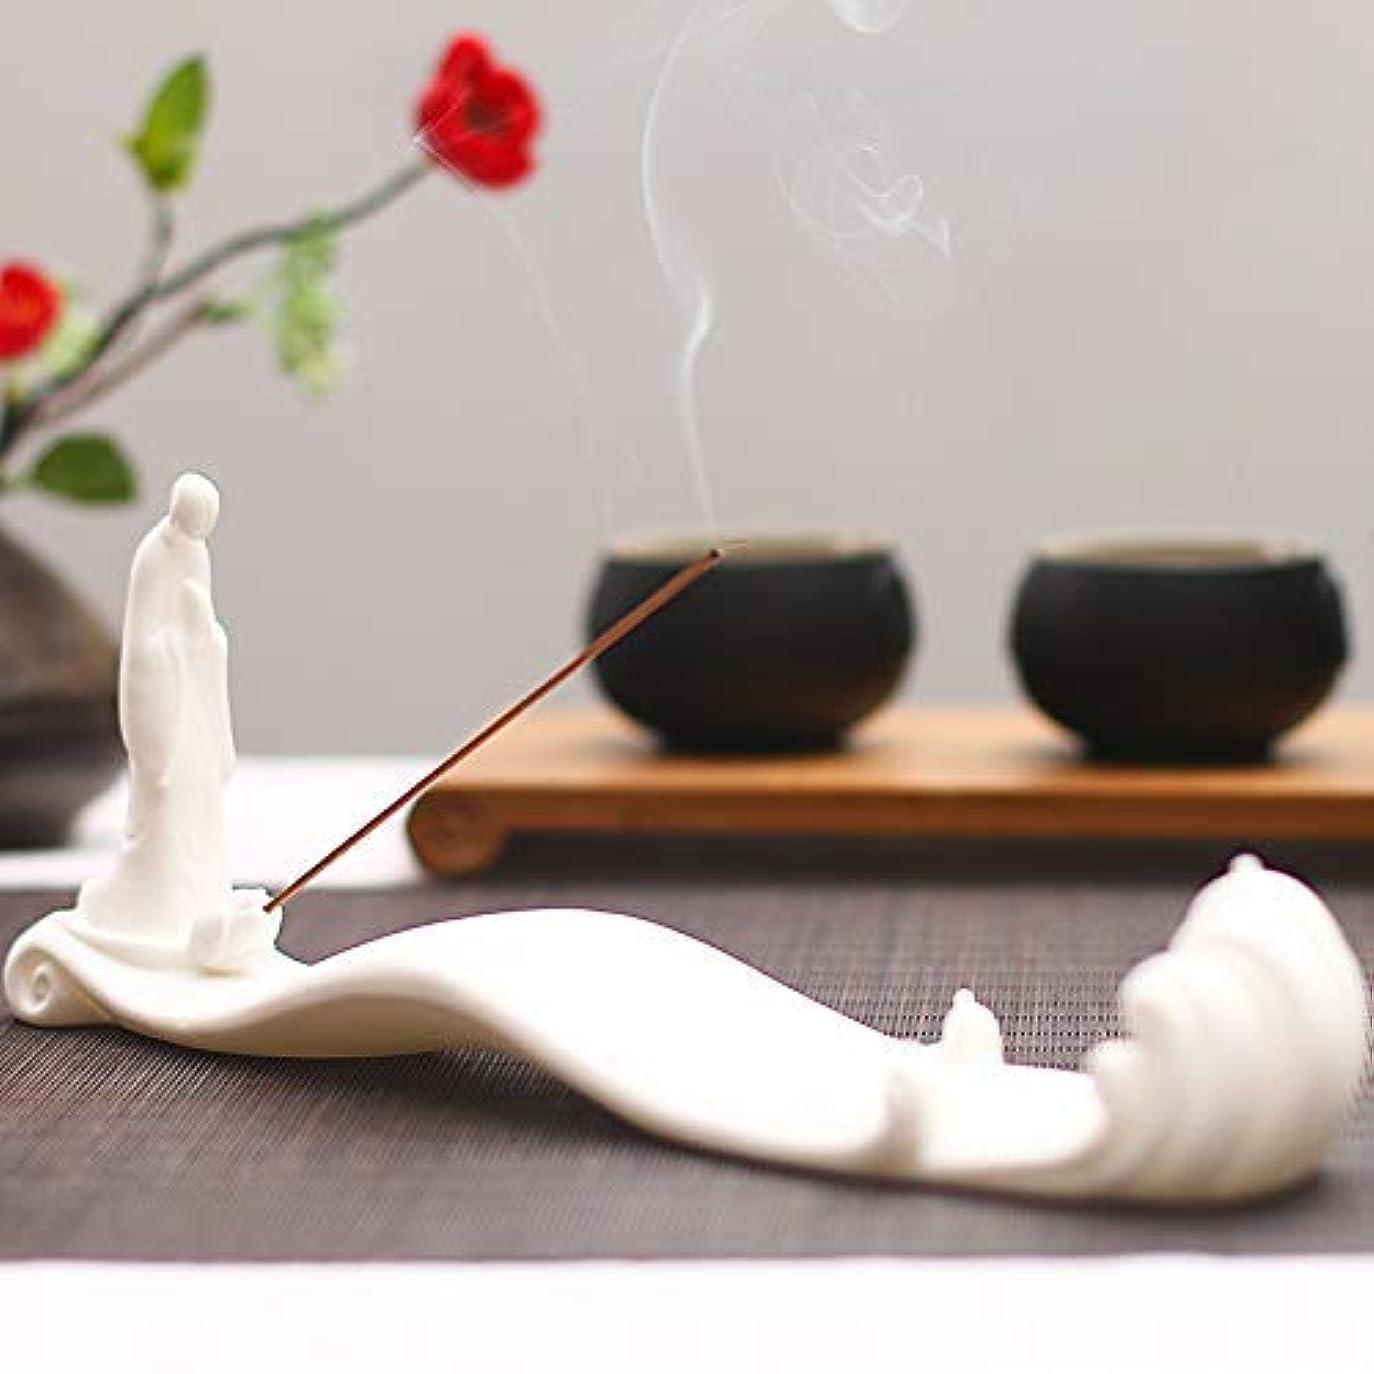 シティほめるメタルラインPHILOGOD 香炉 陶器線香香立て モンク潮を見てモデリング仏壇 お香 ホルダー